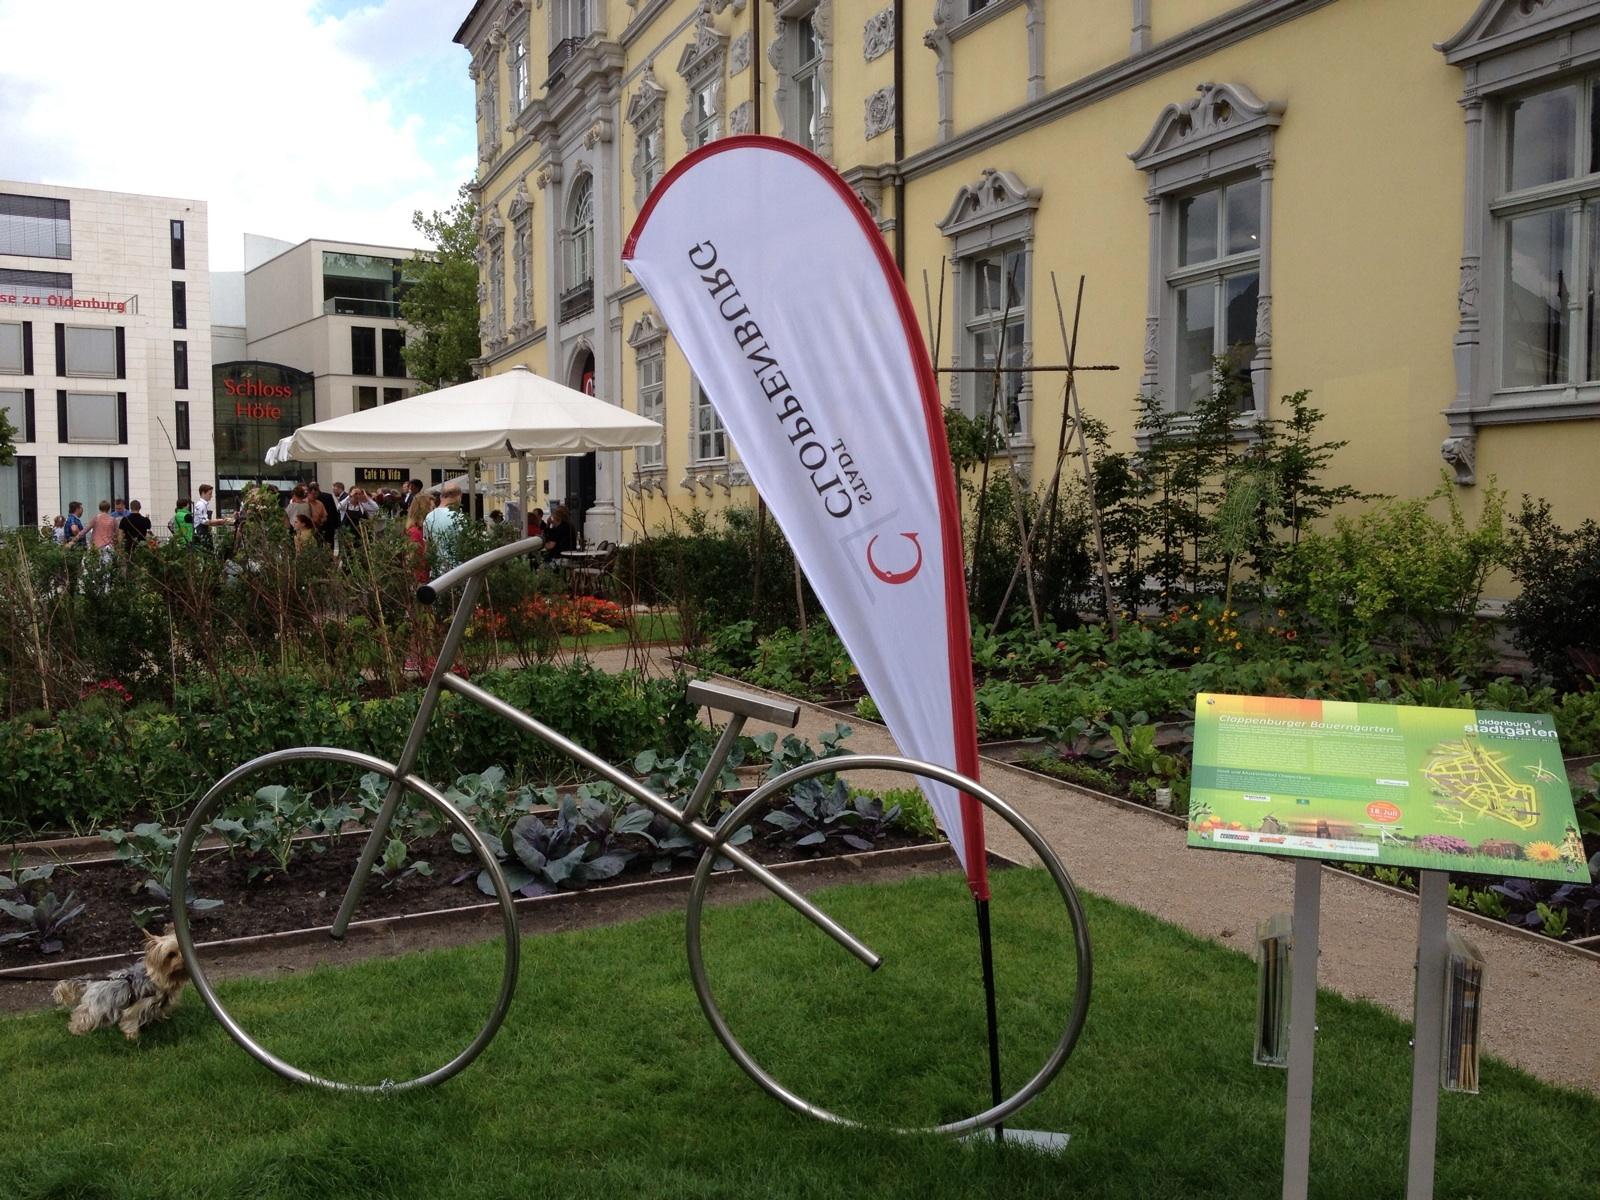 Stadtgarten Oldenburg